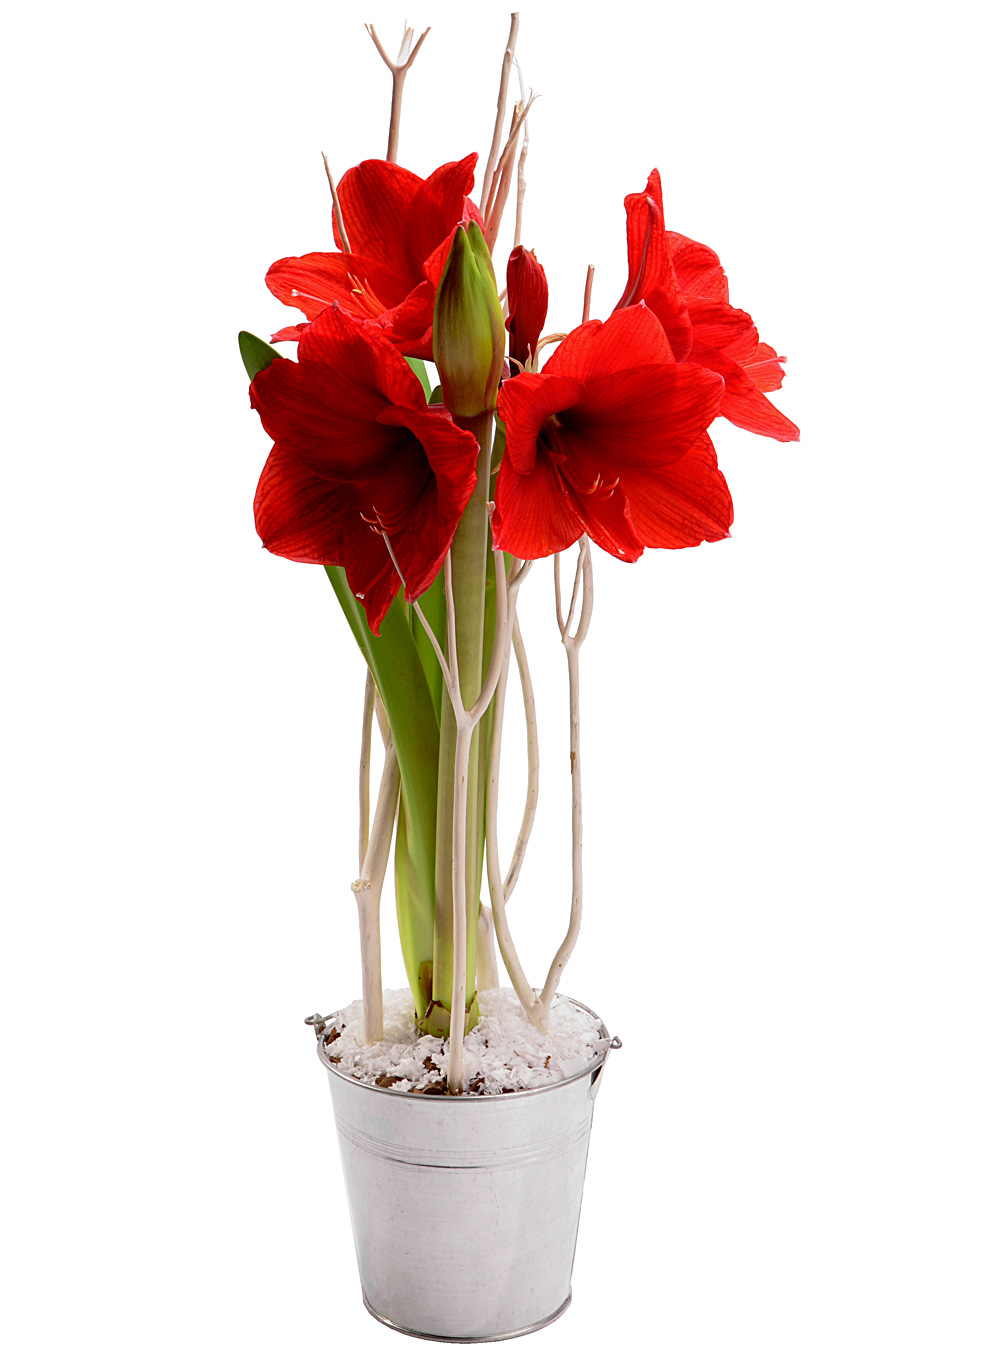 Par occasions plantes fleurs de no l amaryllis de no l for Amaryllis fleurs